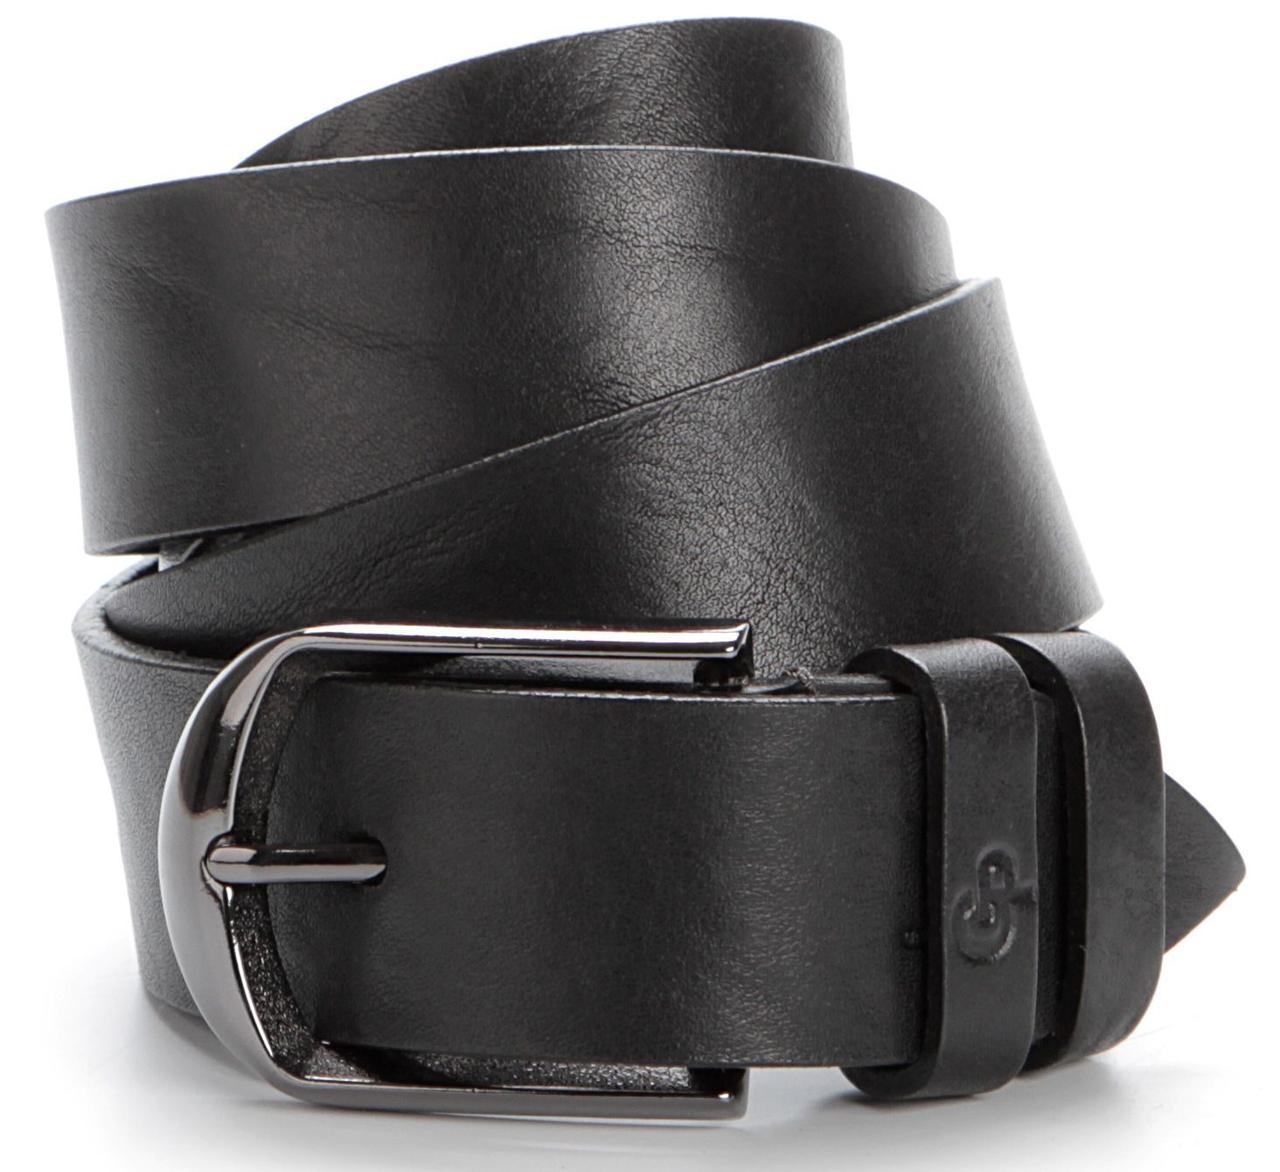 Ремень мужской GRANDE PELLE 00772 натуральная кожа Черный, Черный